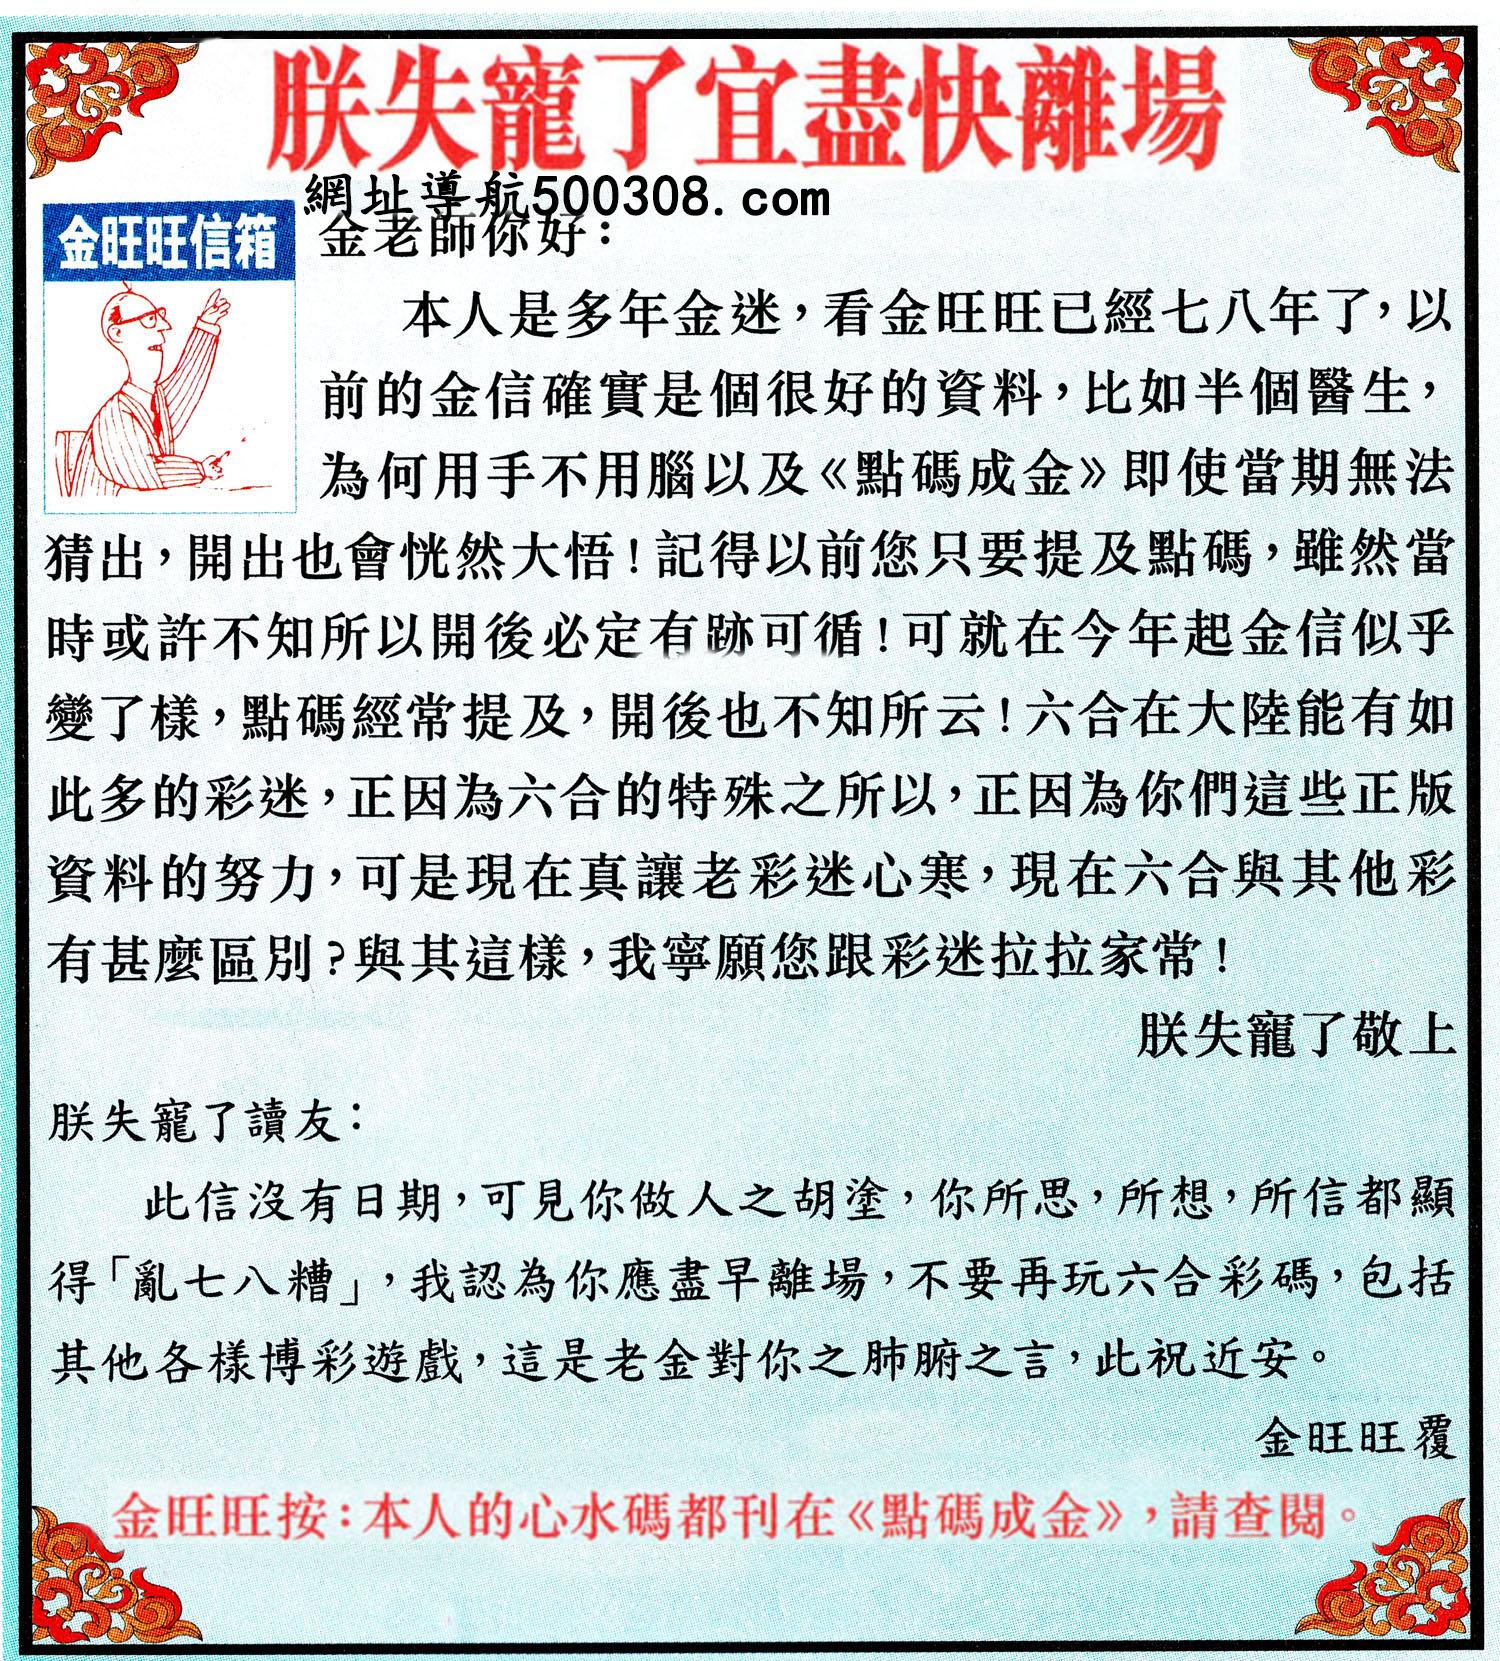 041期:金旺旺信箱彩民推荐→→《朕失��了宜�M快�x�觥�